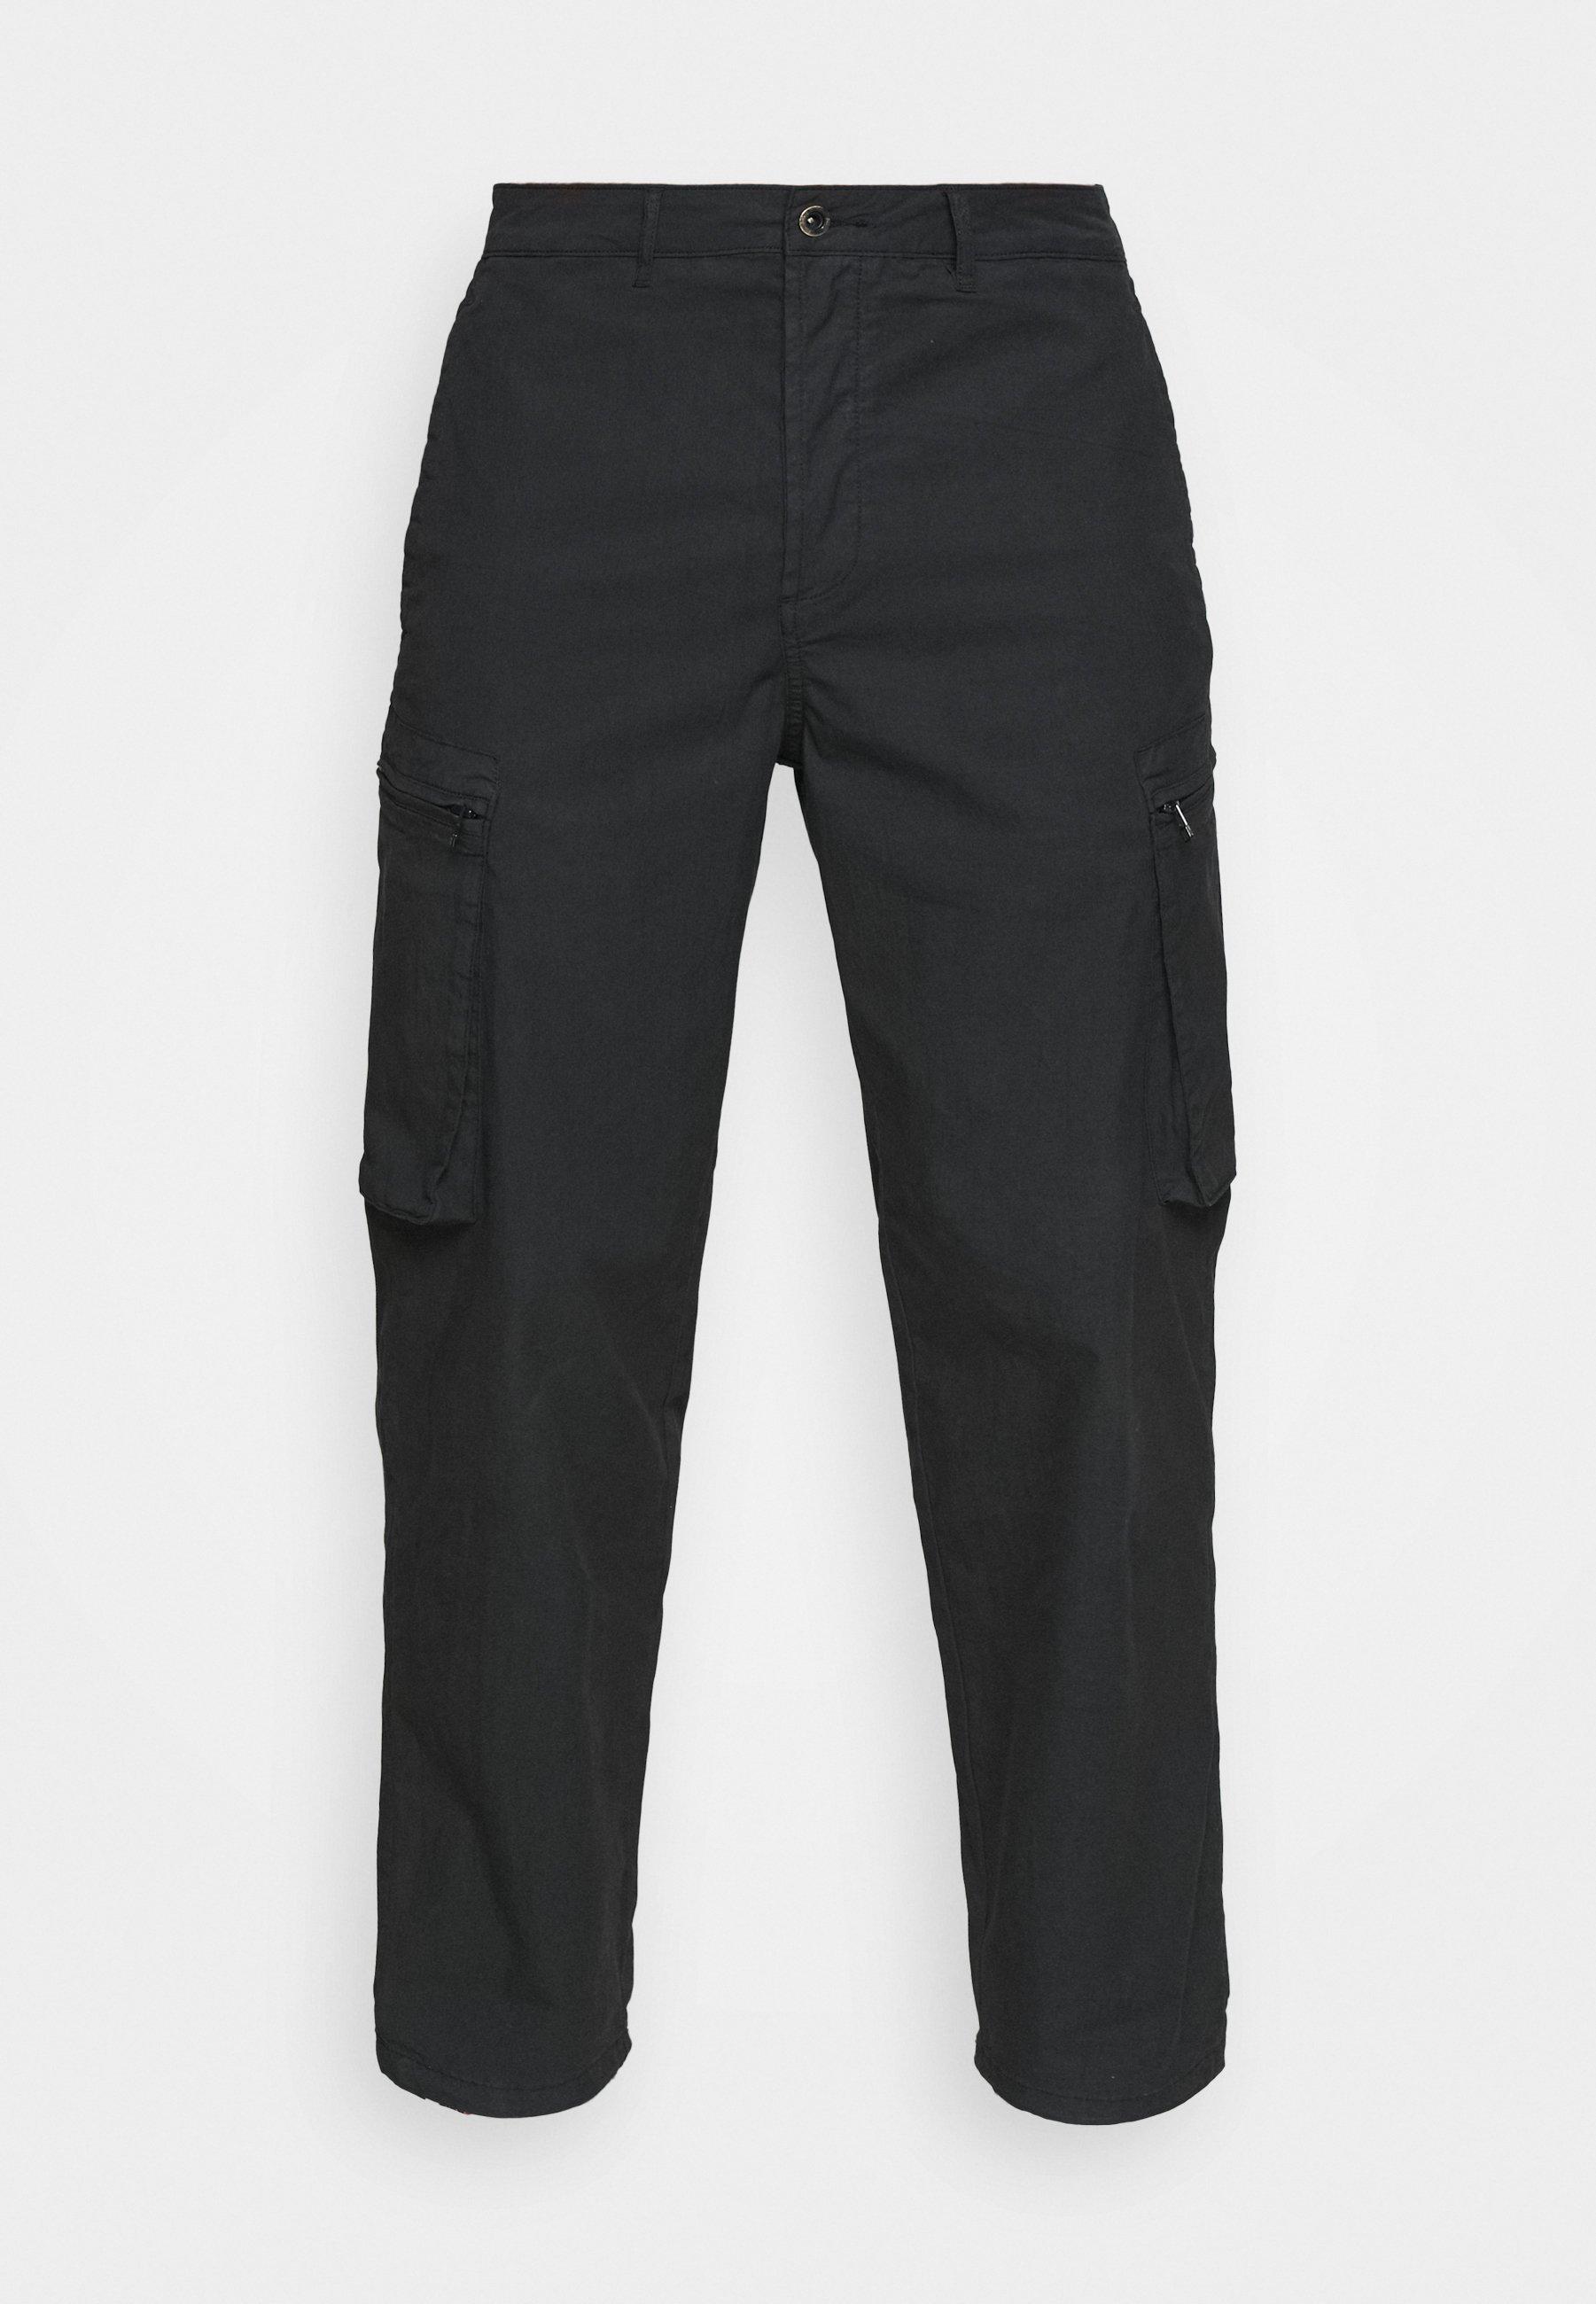 Homme FORCE COMBAT PANT LENGTH - Pantalon cargo